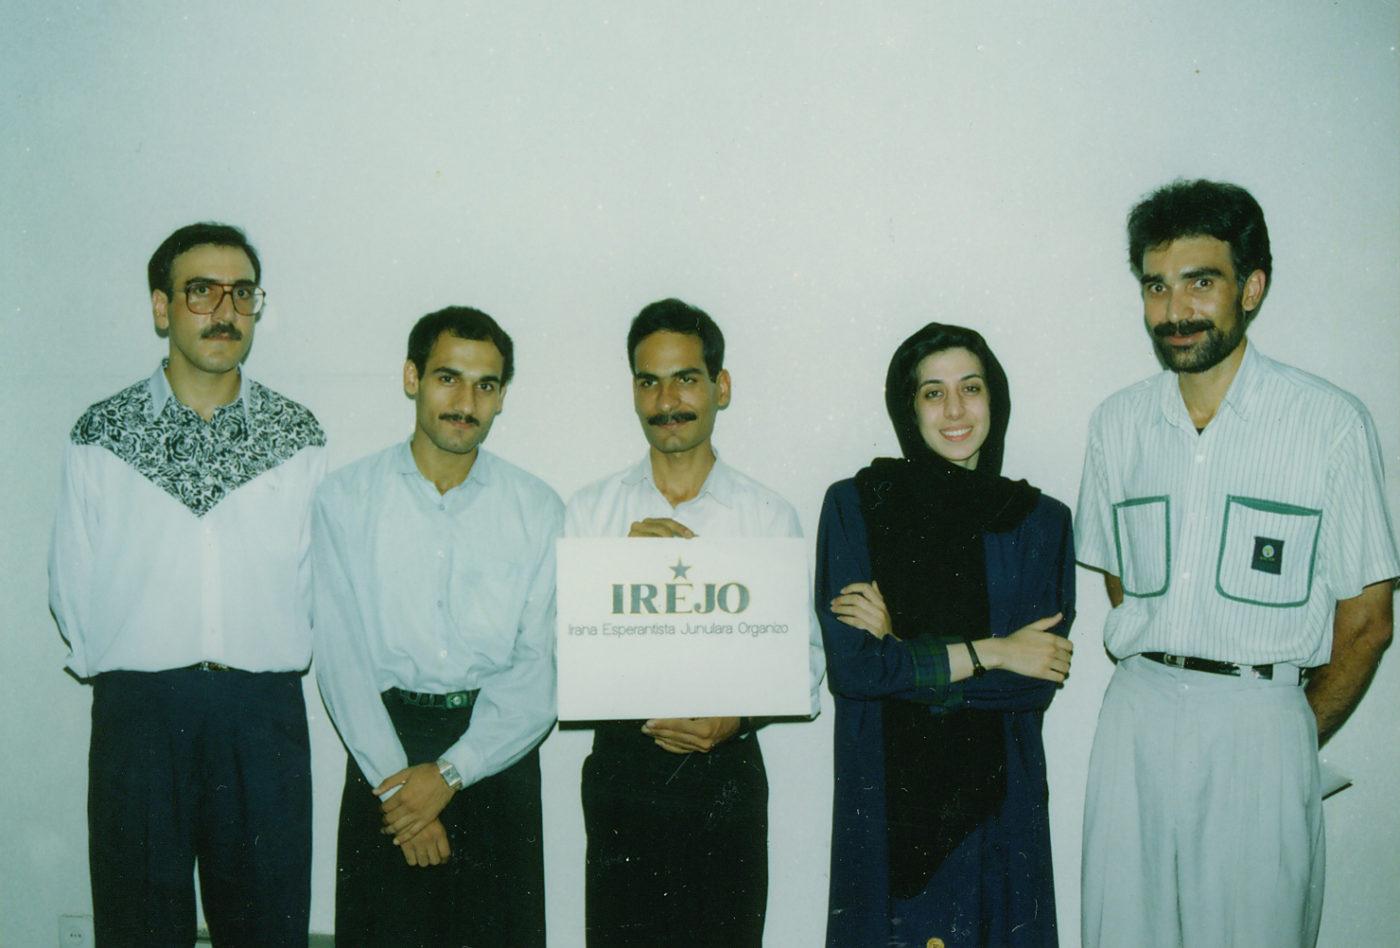 اولین هیئت رئیسه سازمان جوانان اسپرانتودان ایران